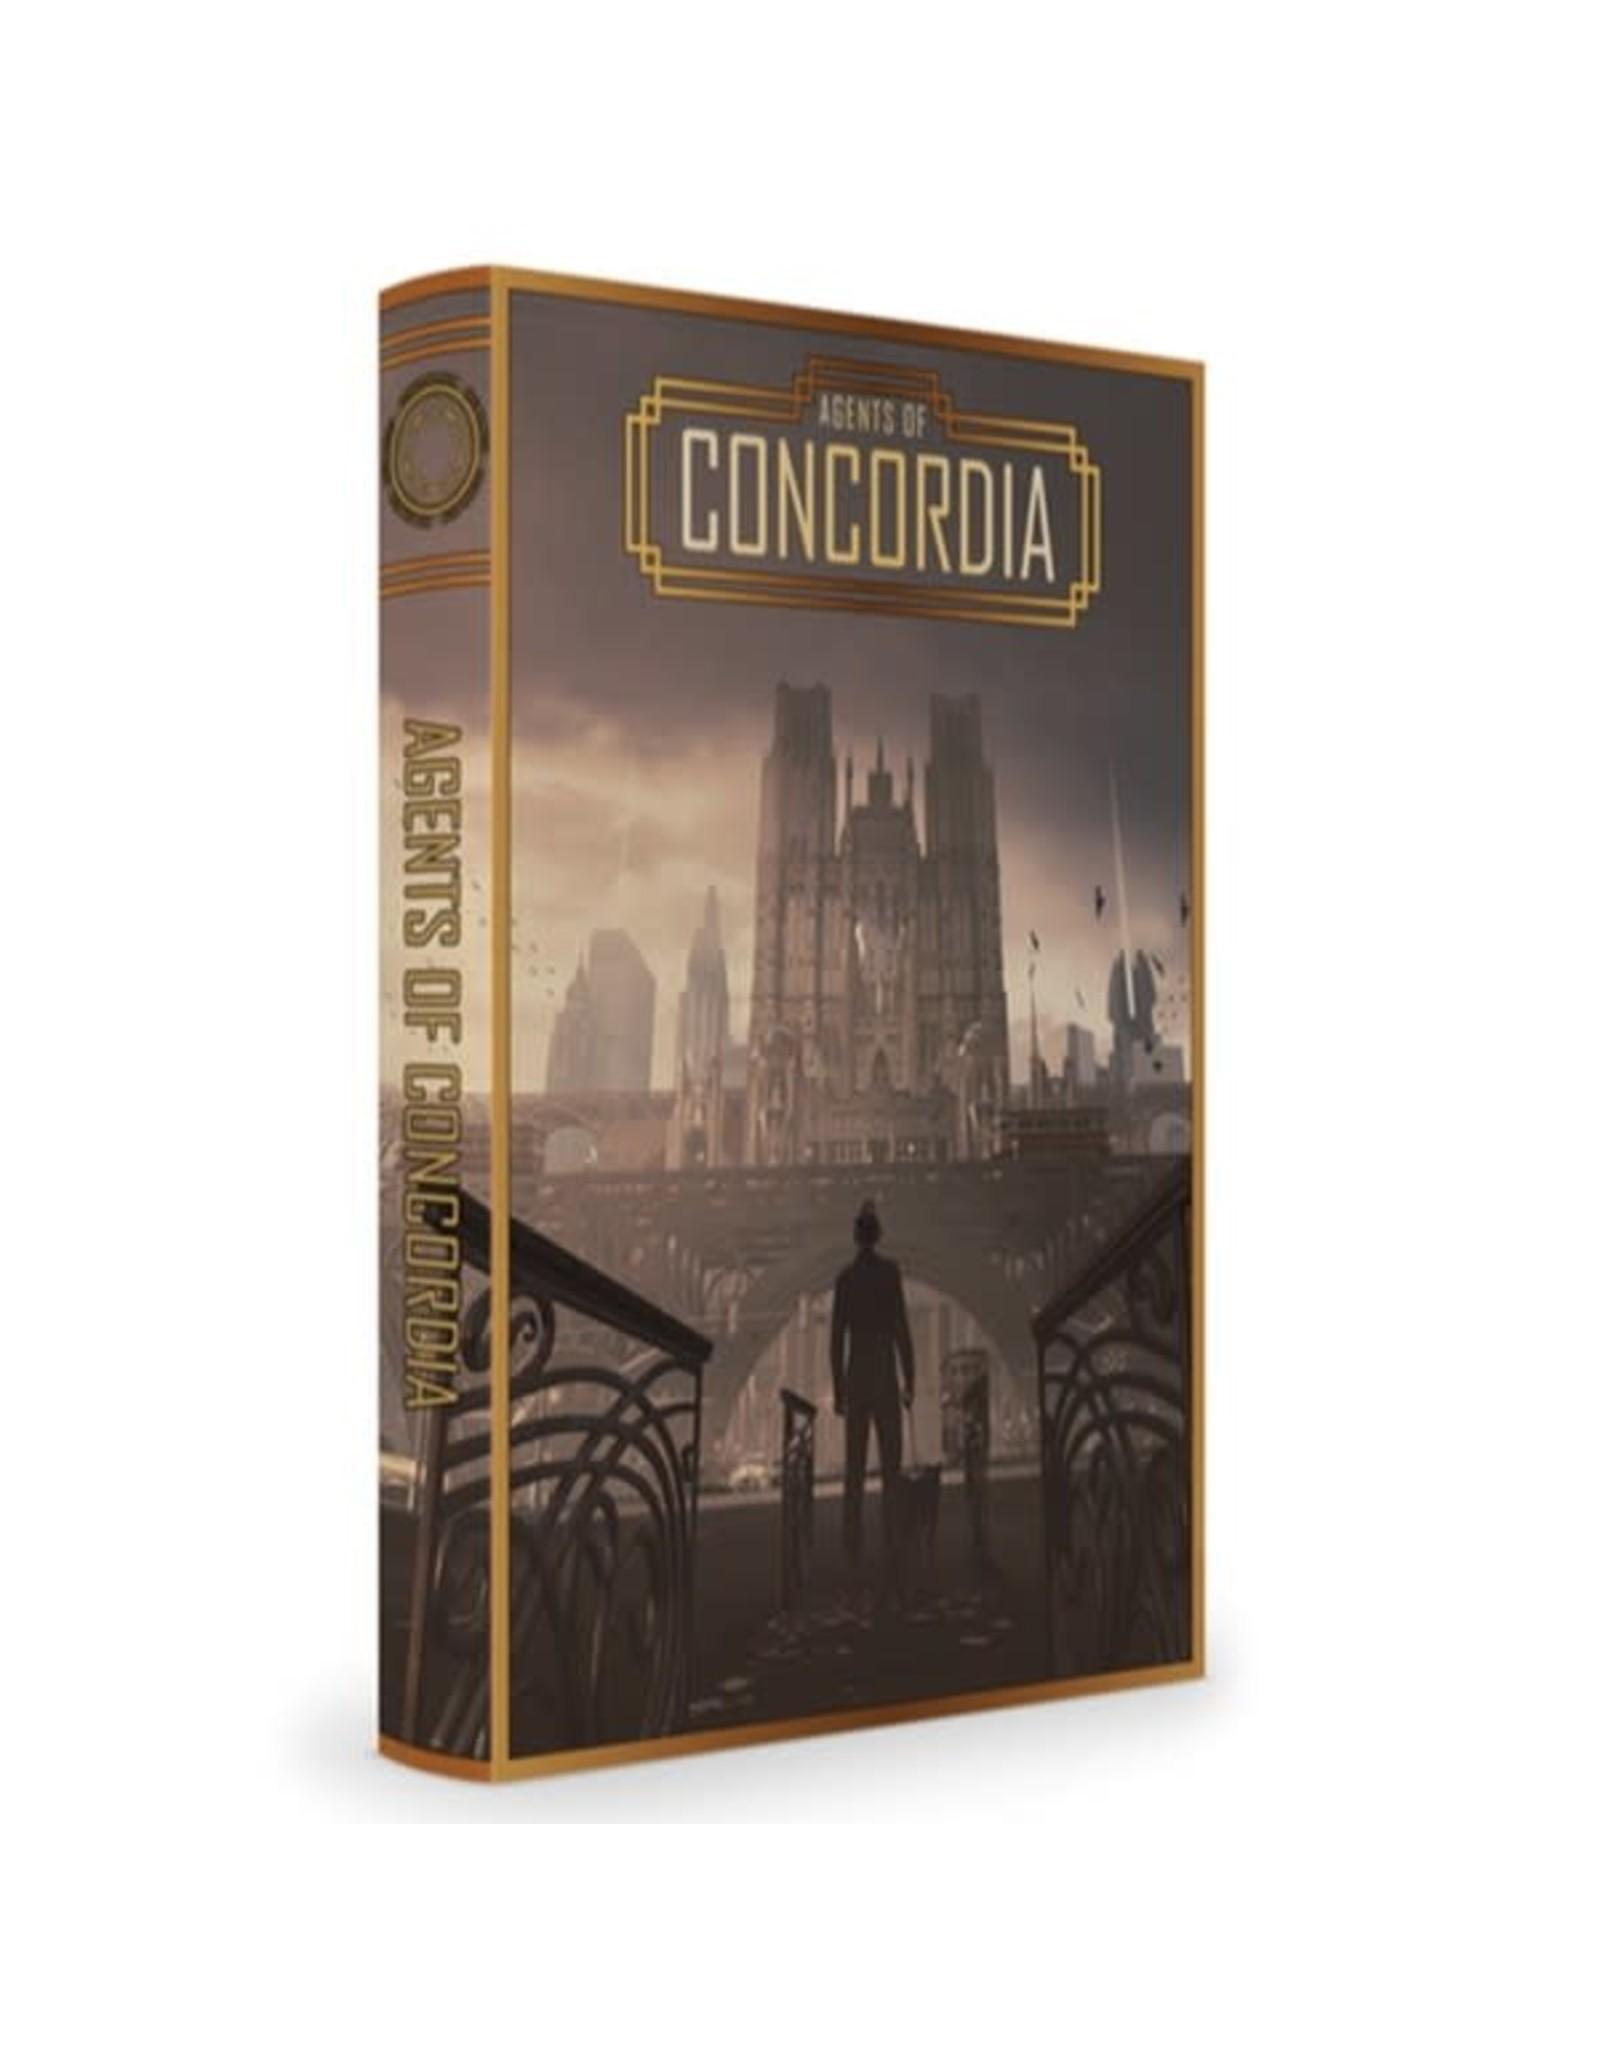 Modiphius Entertainment Agents of Concordia RPG